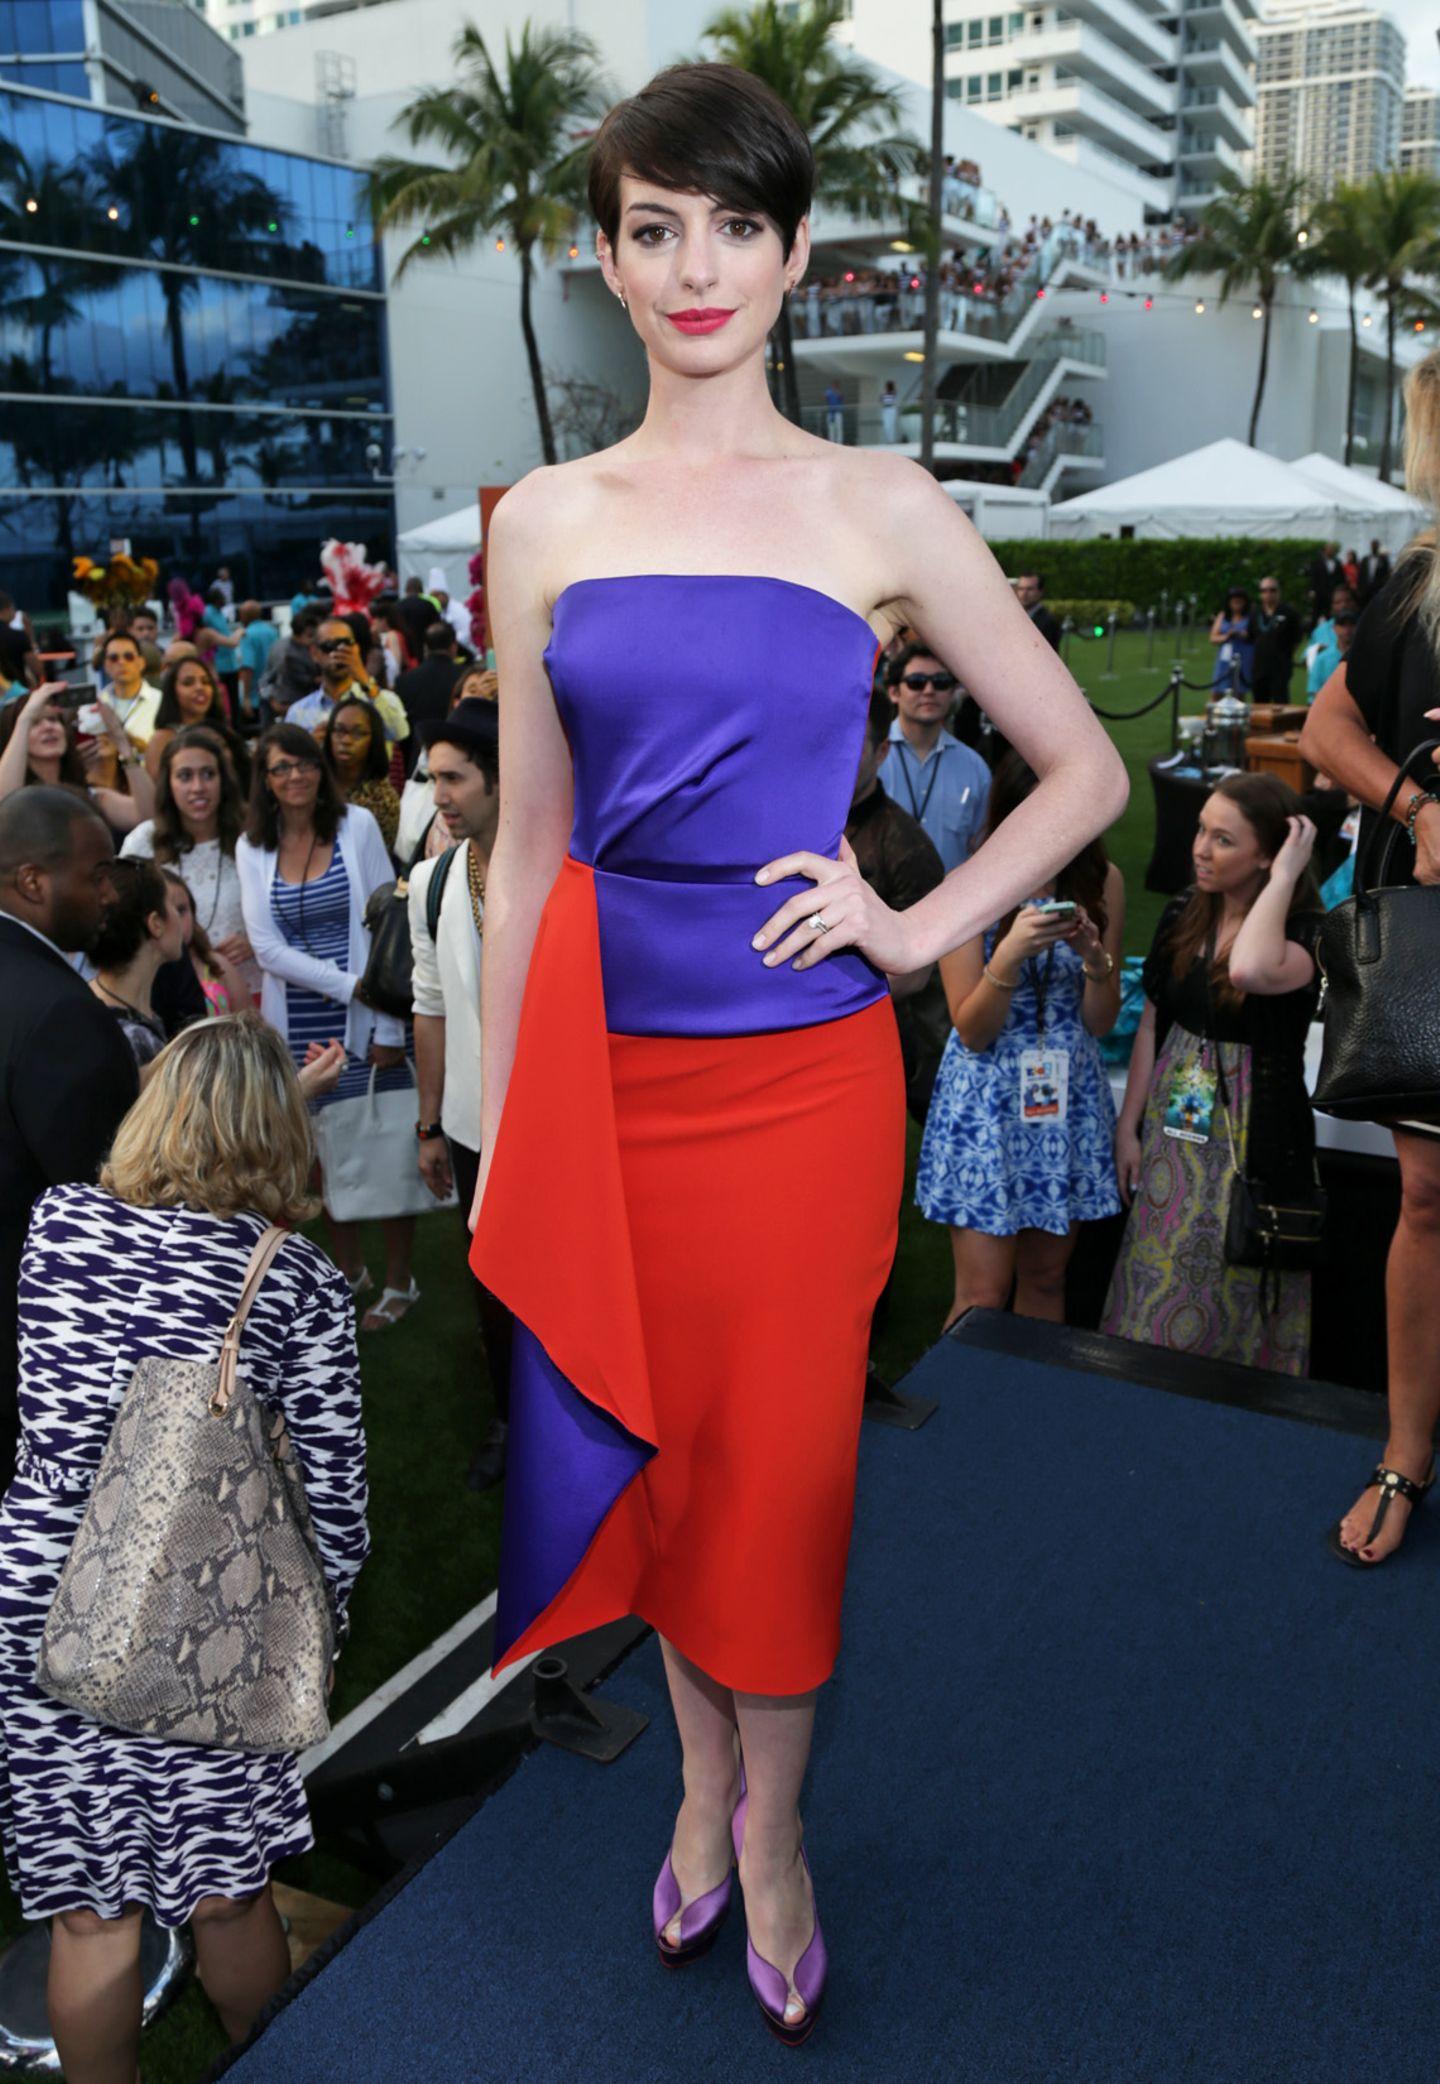 In einem aufregenden Bandeaukleid von Designerin Roksanda Ilincic strahlt Anne Hathaway auf einer Filmpremiere.